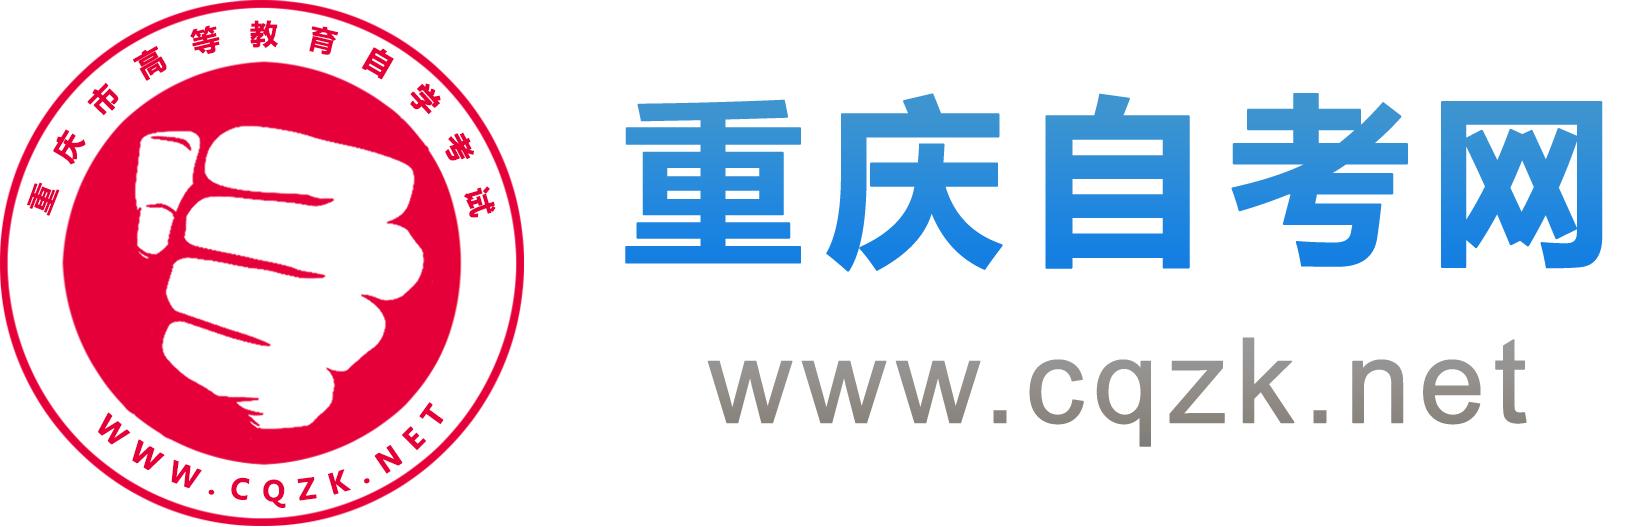 重庆自考网